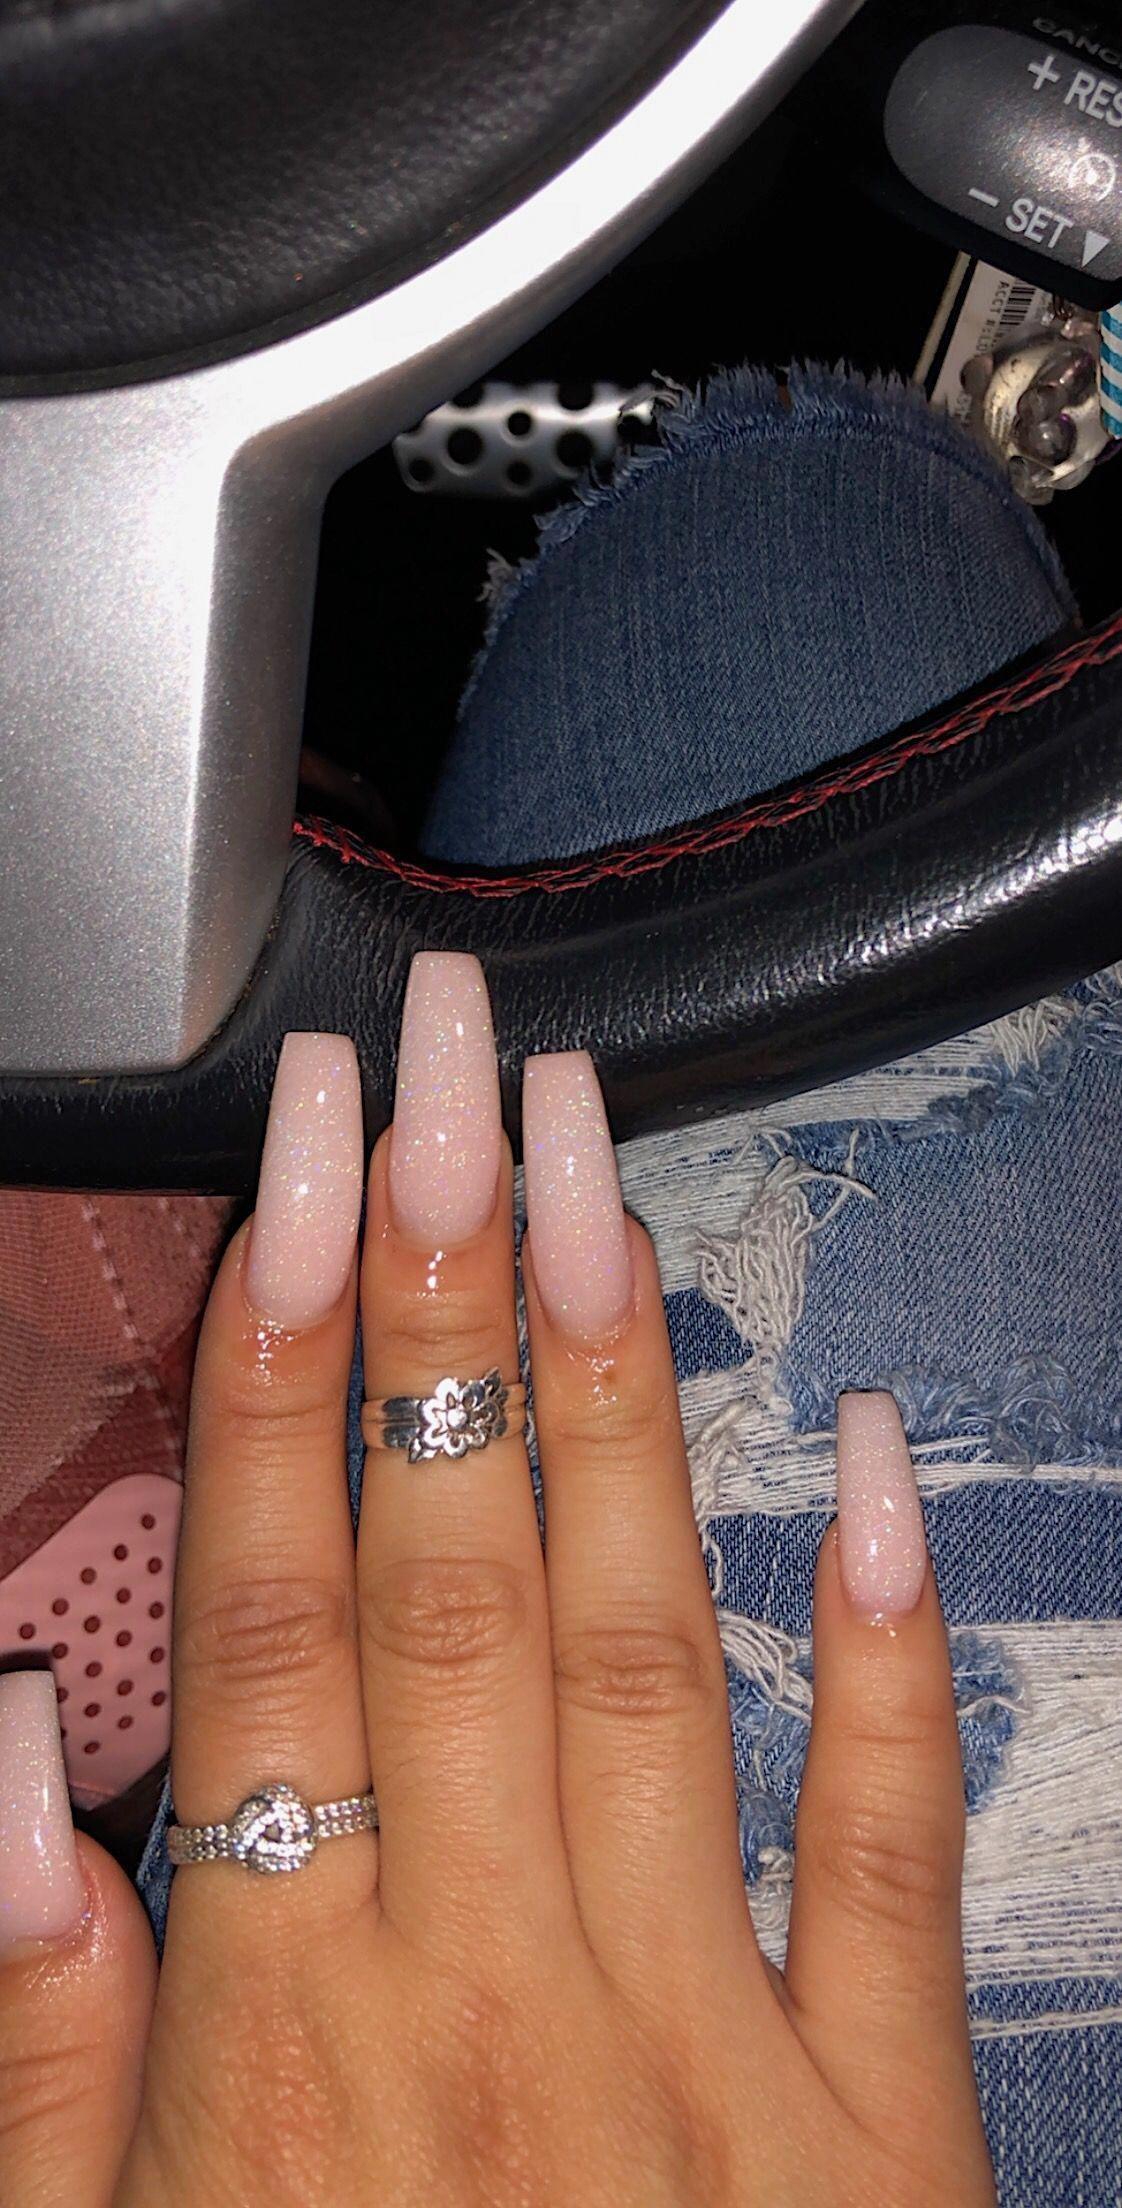 Acrylic Glittery Pink Powder Glittery Pink Acrylic Powder Glittery Pink Acrylic Pow In 2020 Acrylic Nail Powder Square Acrylic Nails Glittery Acrylic Nails